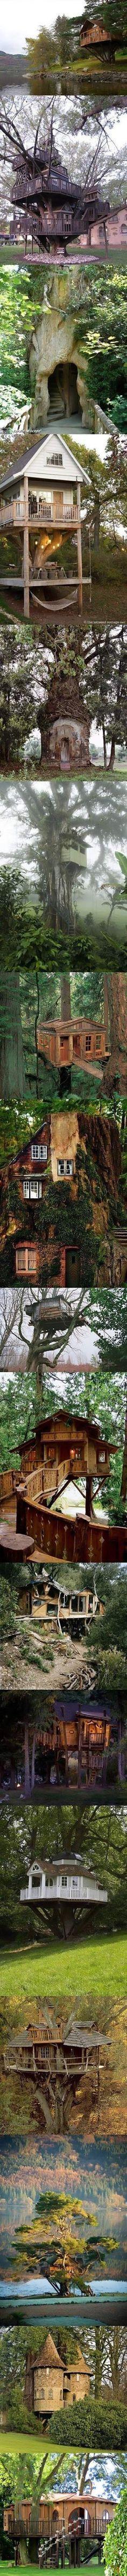 Really Awesome Treehouses   Boo Fckm HooBoo Fckm Hoo